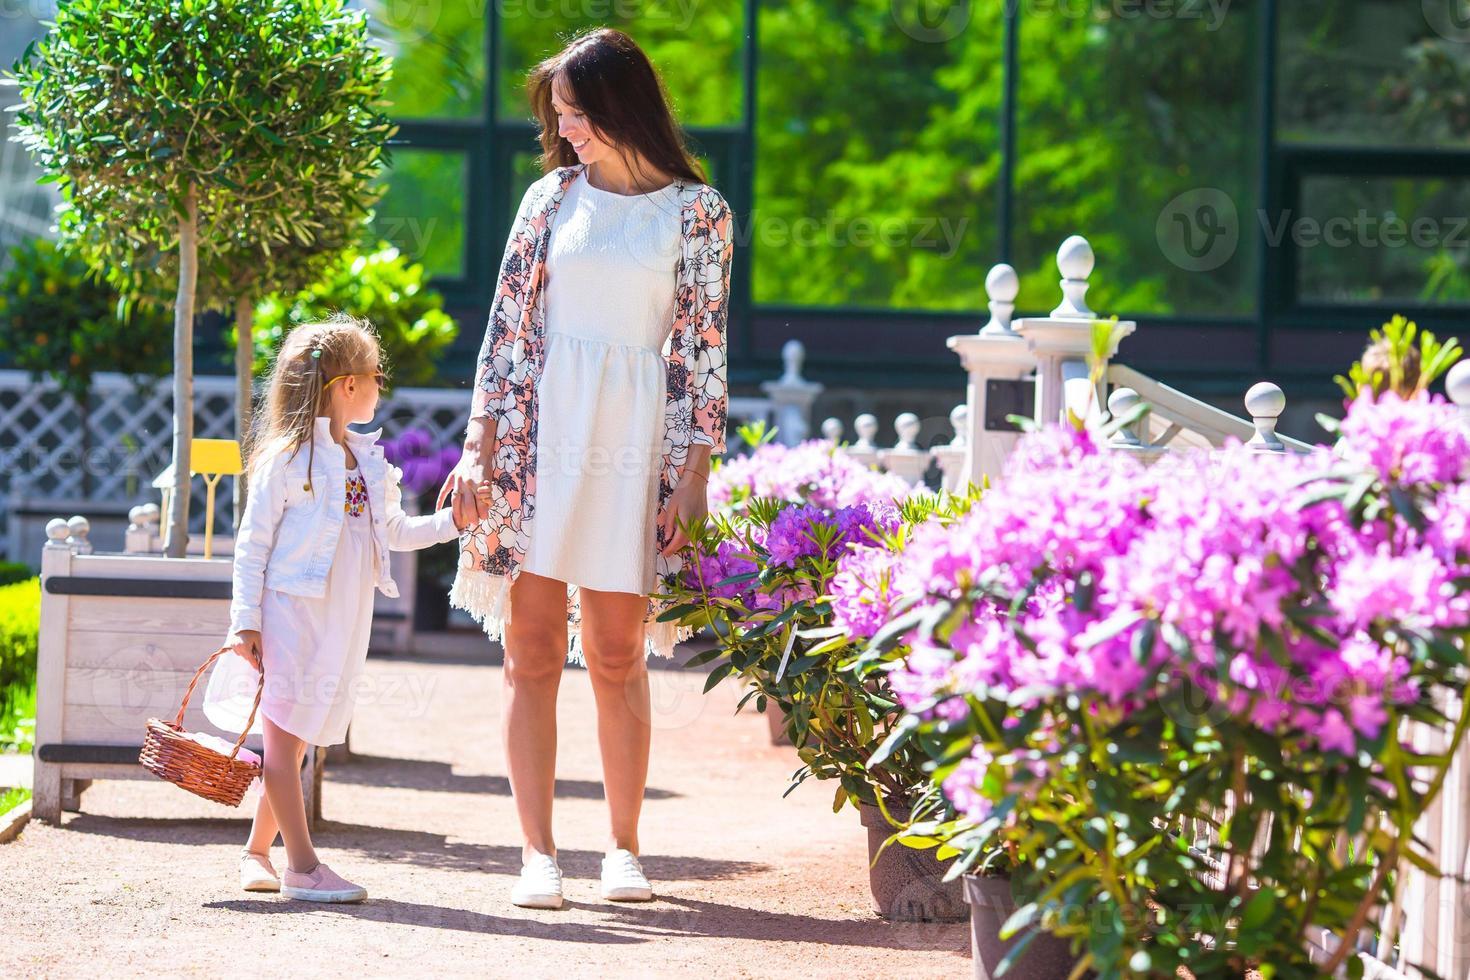 heureuse mère et adorable fille profitant d'une journée chaude dans le jardin photo